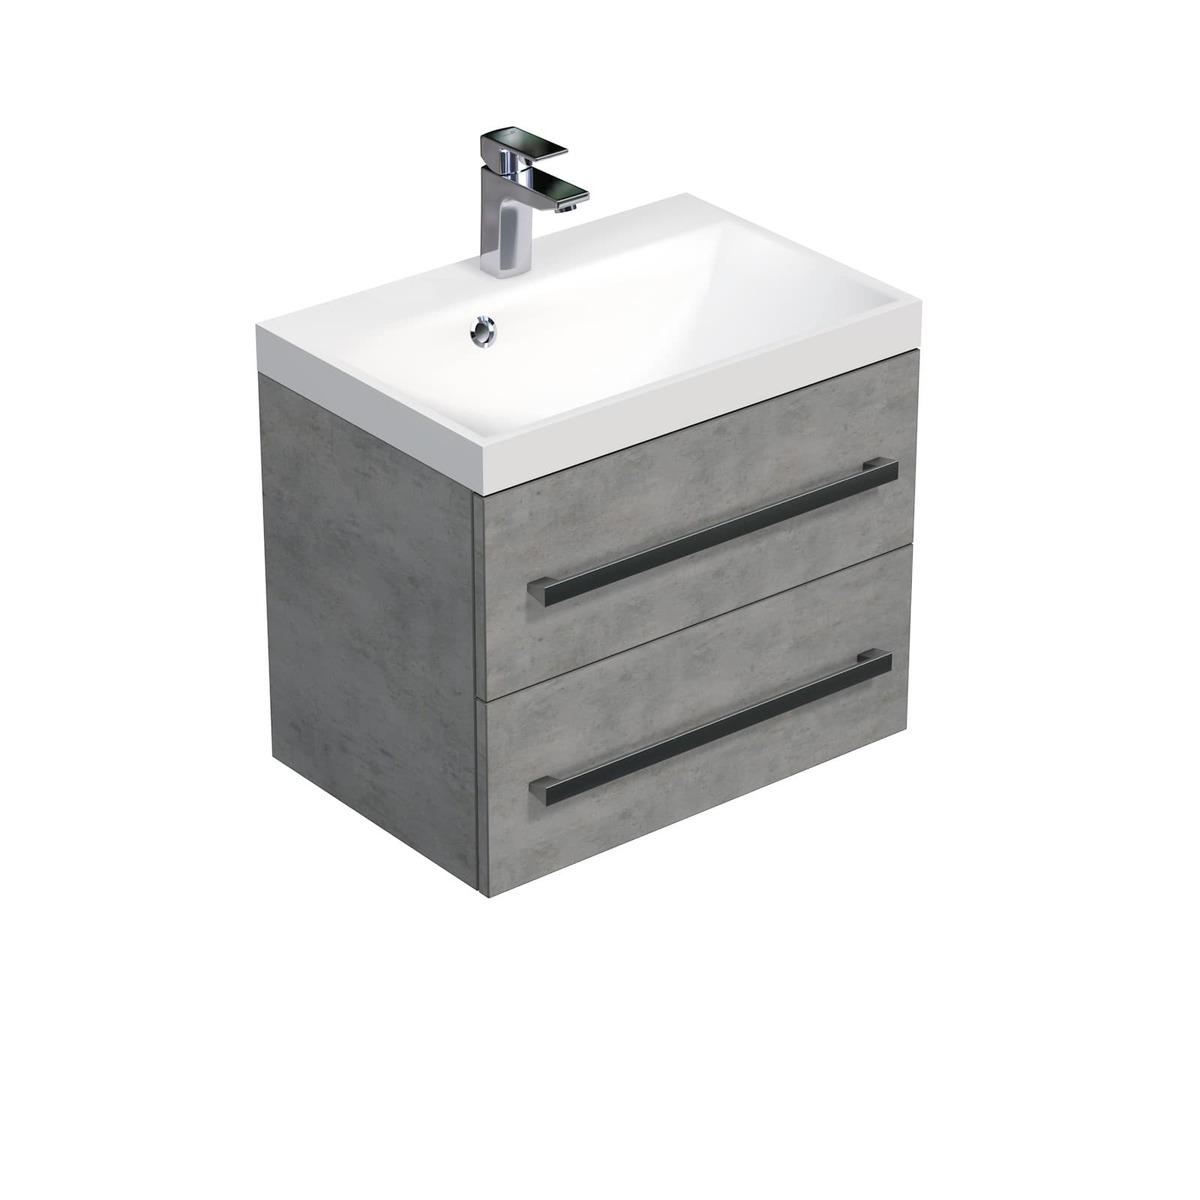 Koupelnová skříňka s umyvadlem Naturel Cube Way 60x53x40 cm beton CUBE260ZBE